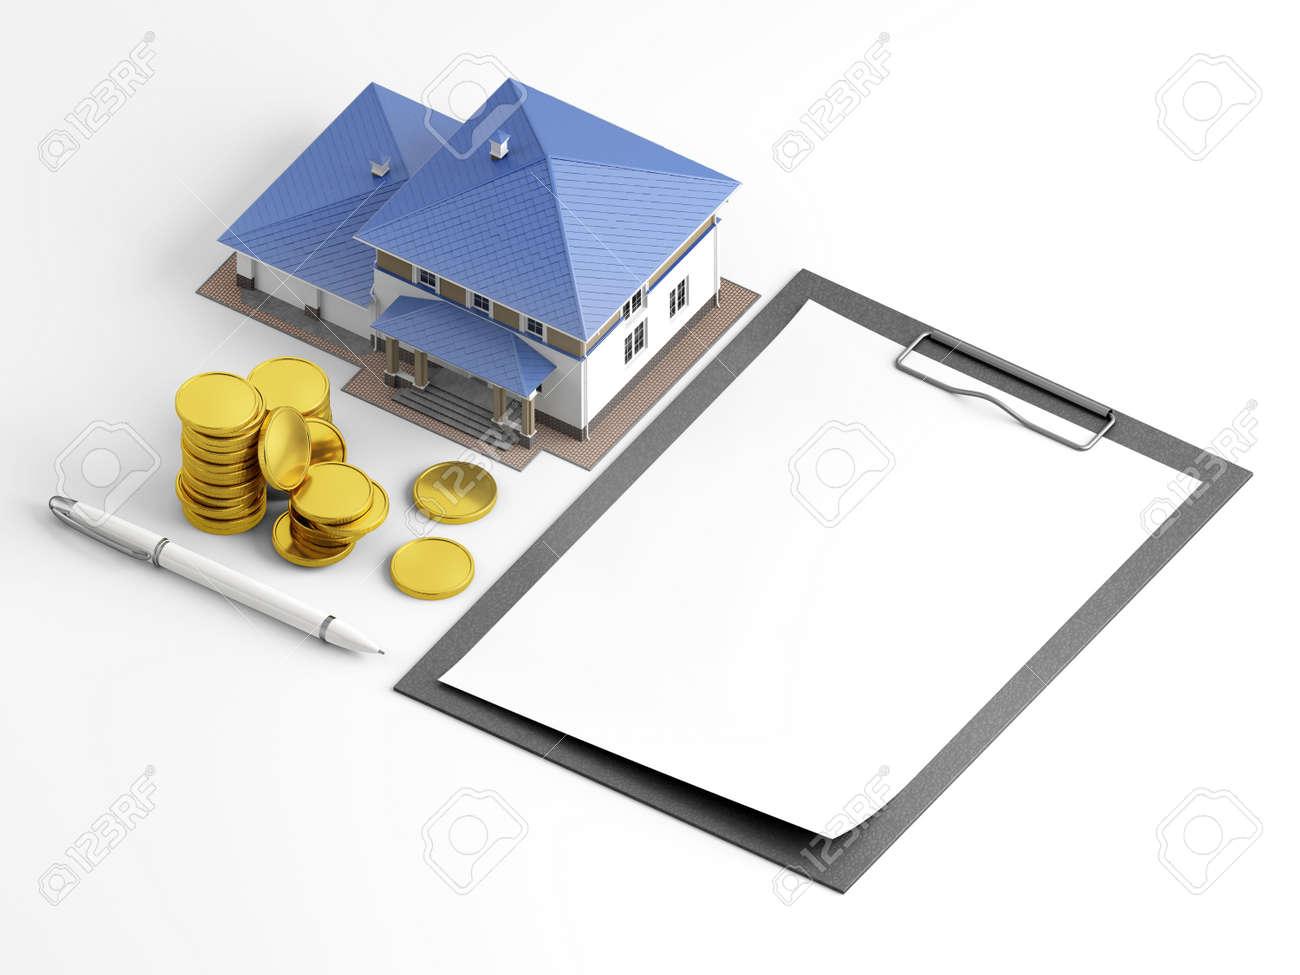 Leere Vorlage Für Hypotheken-Antragsformular Mit Skala Modell Haus ...